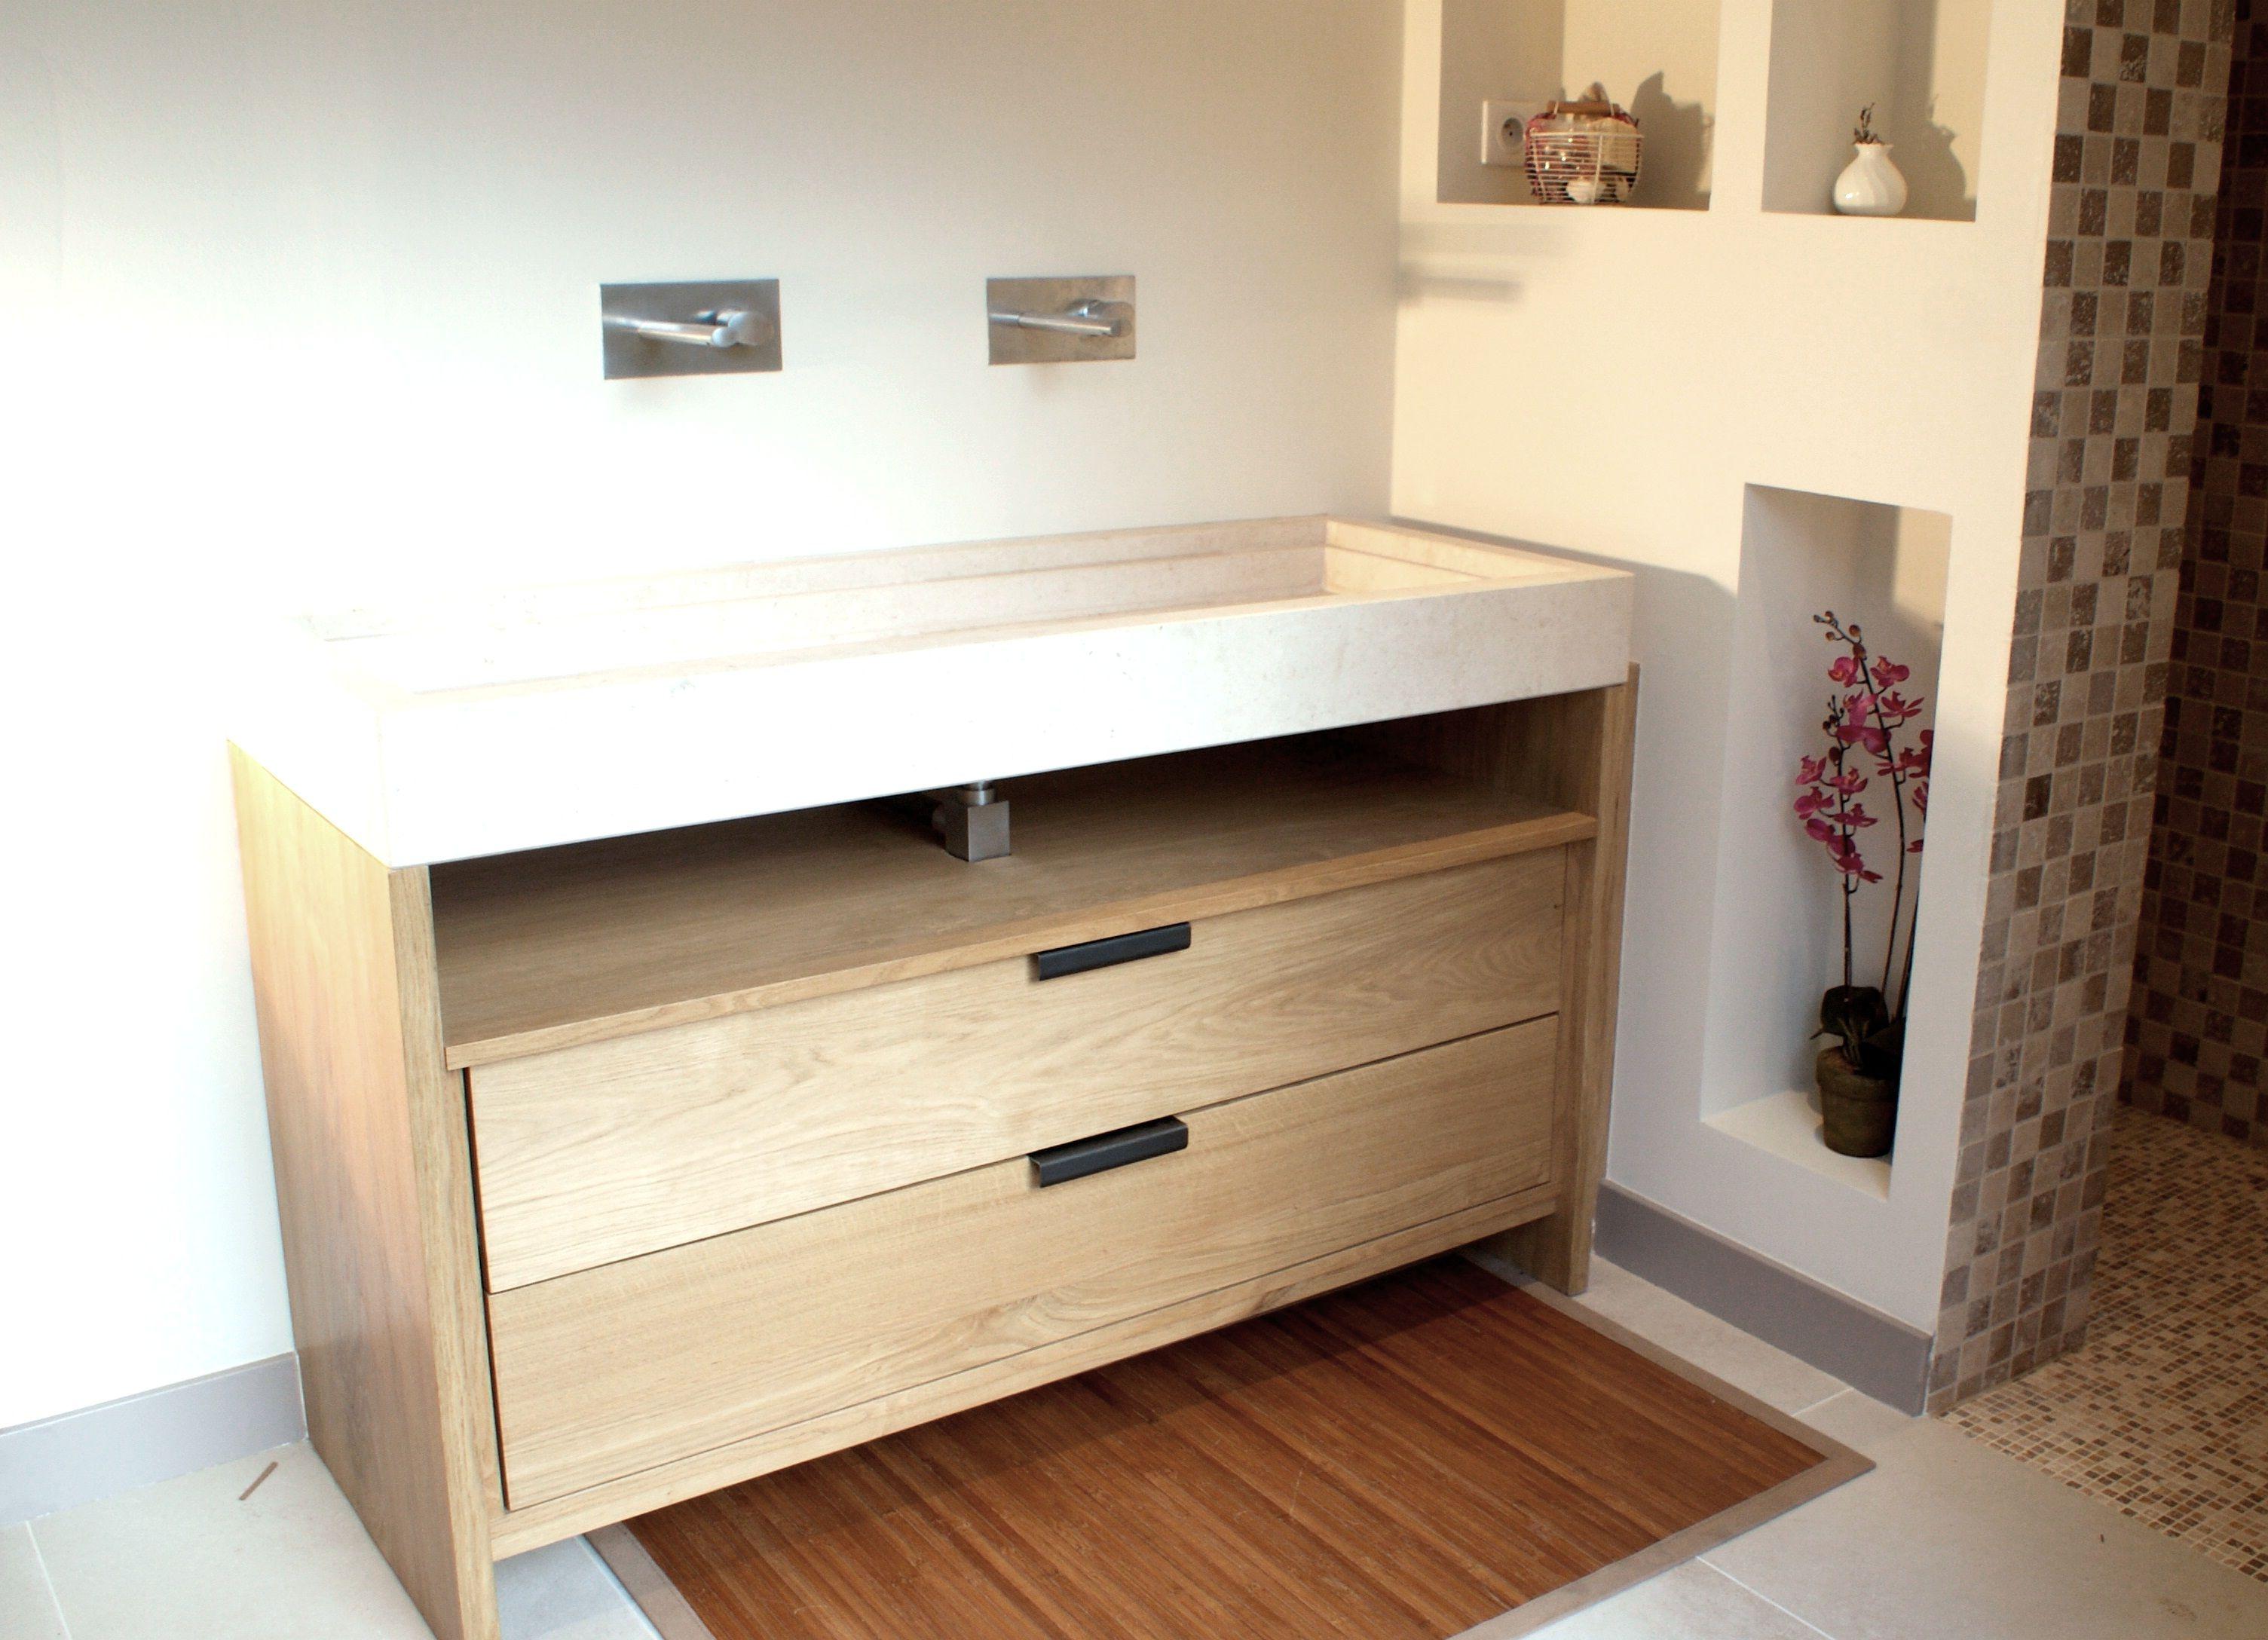 réalisation de meuble de salle de bain sur mesure, avec vasque